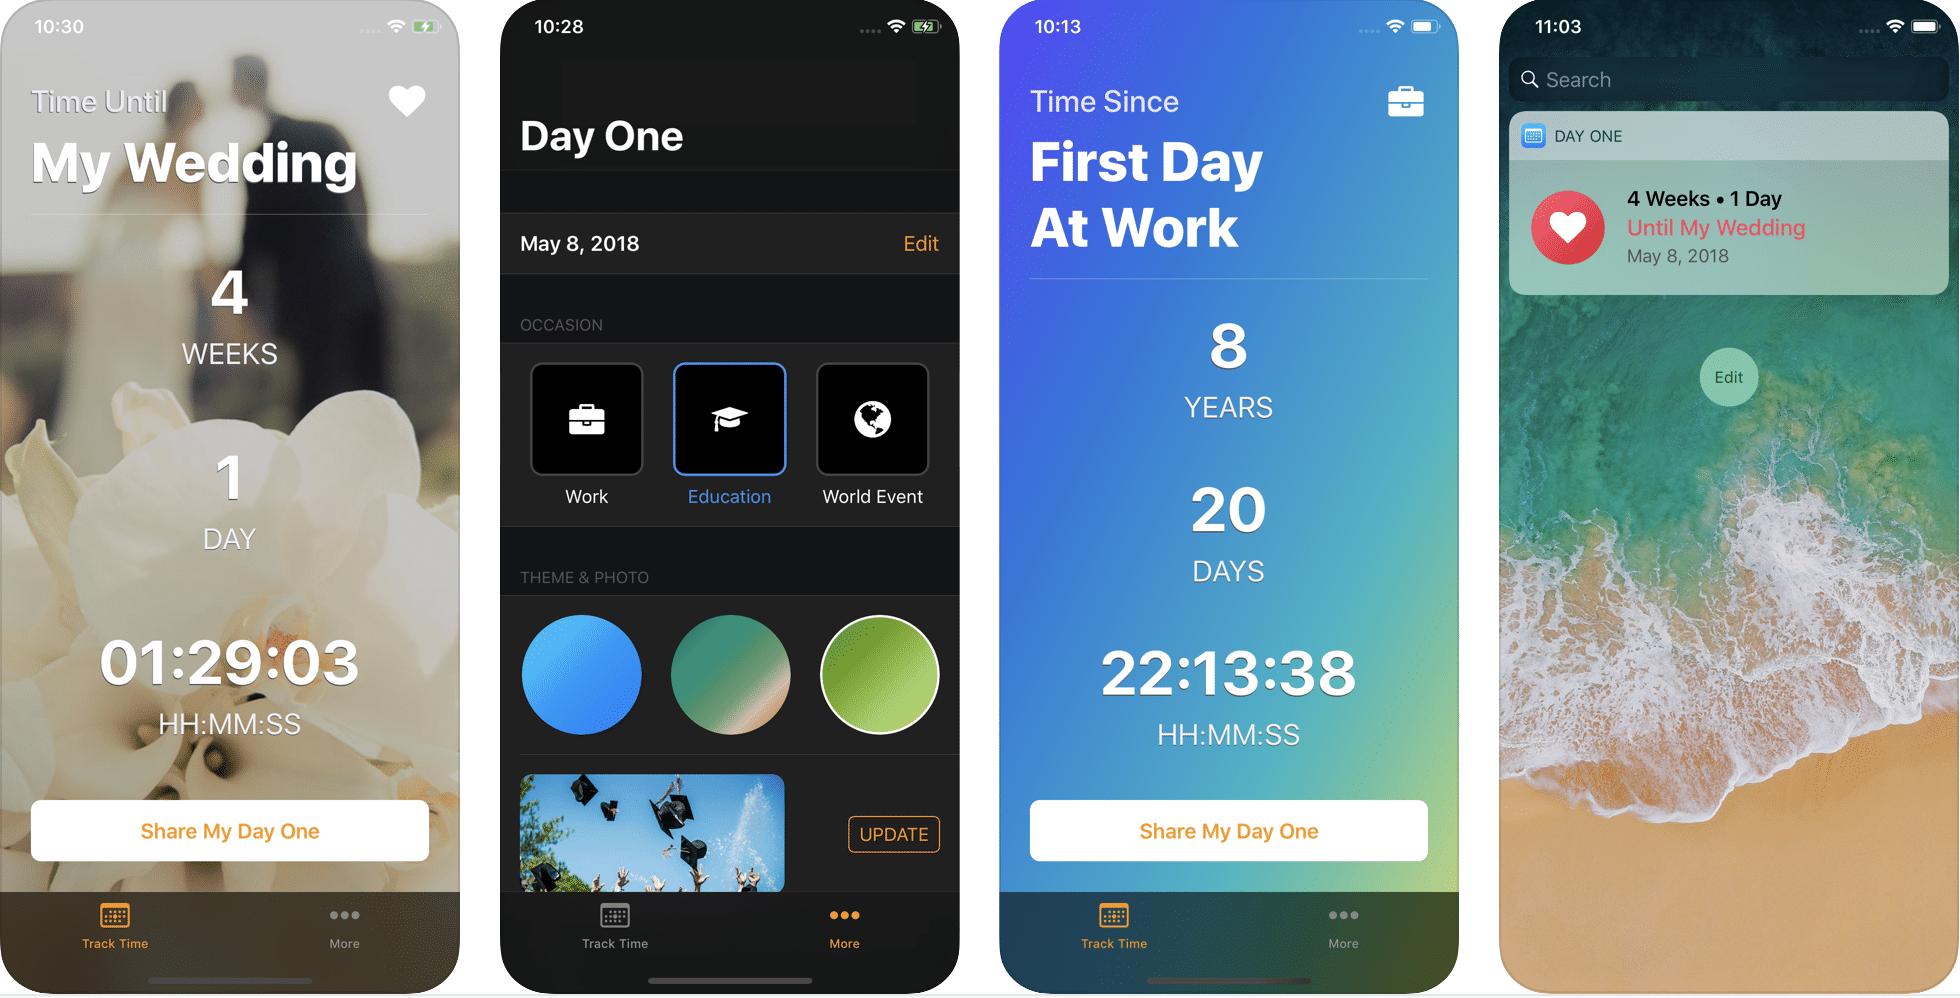 Tänane pakkumine App Store'is: esimene päev, PlantDetect, KeyKey - kirjutamiskoolitus ja palju muud!